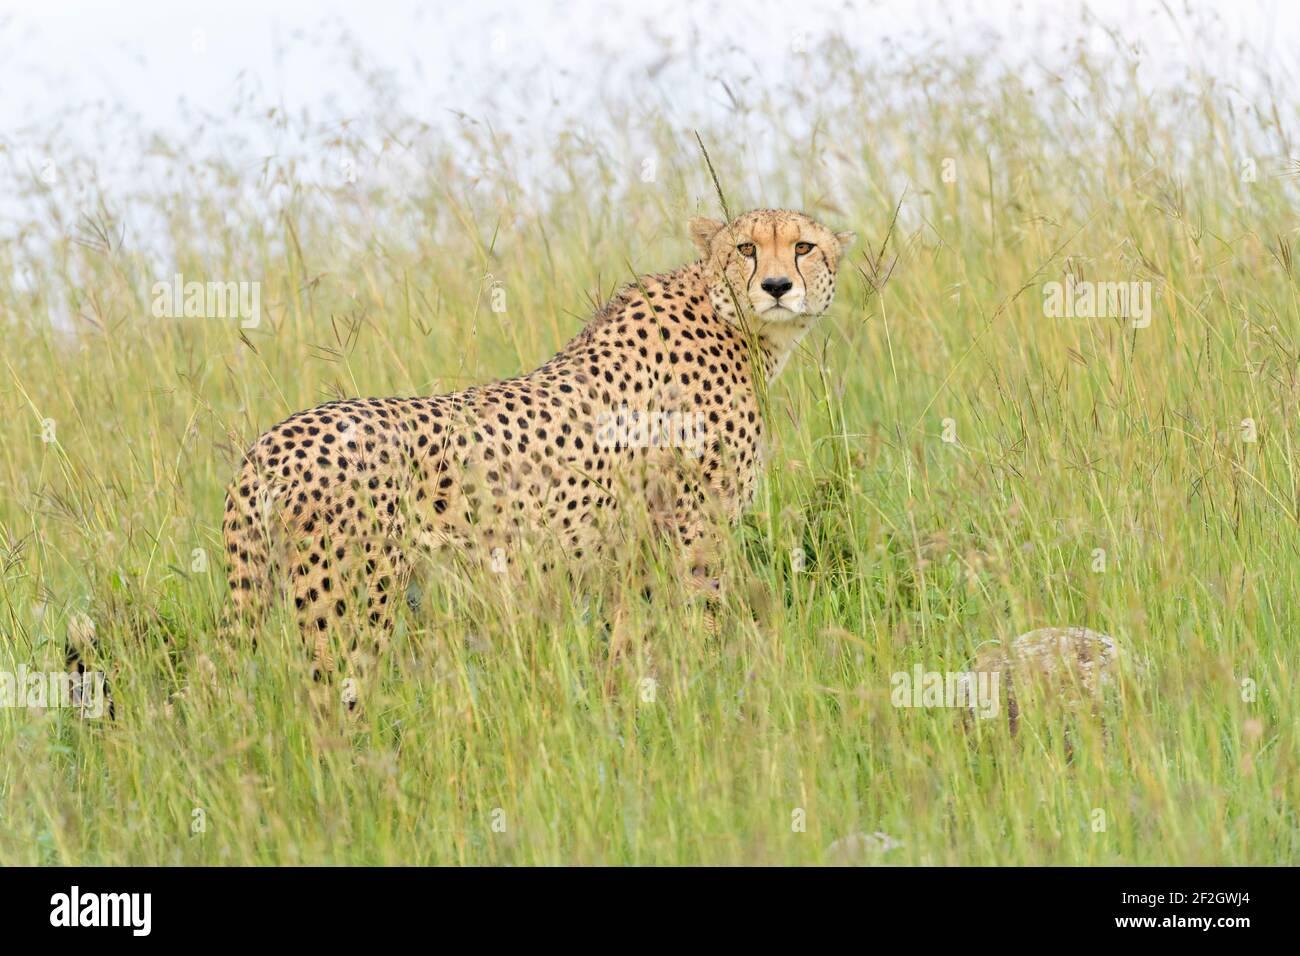 Cheetah (Acinonyx jubatus) de pie en hierba alta, mirando alrededor, Reserva Nacional Masai Mara, Kenia, África Foto de stock